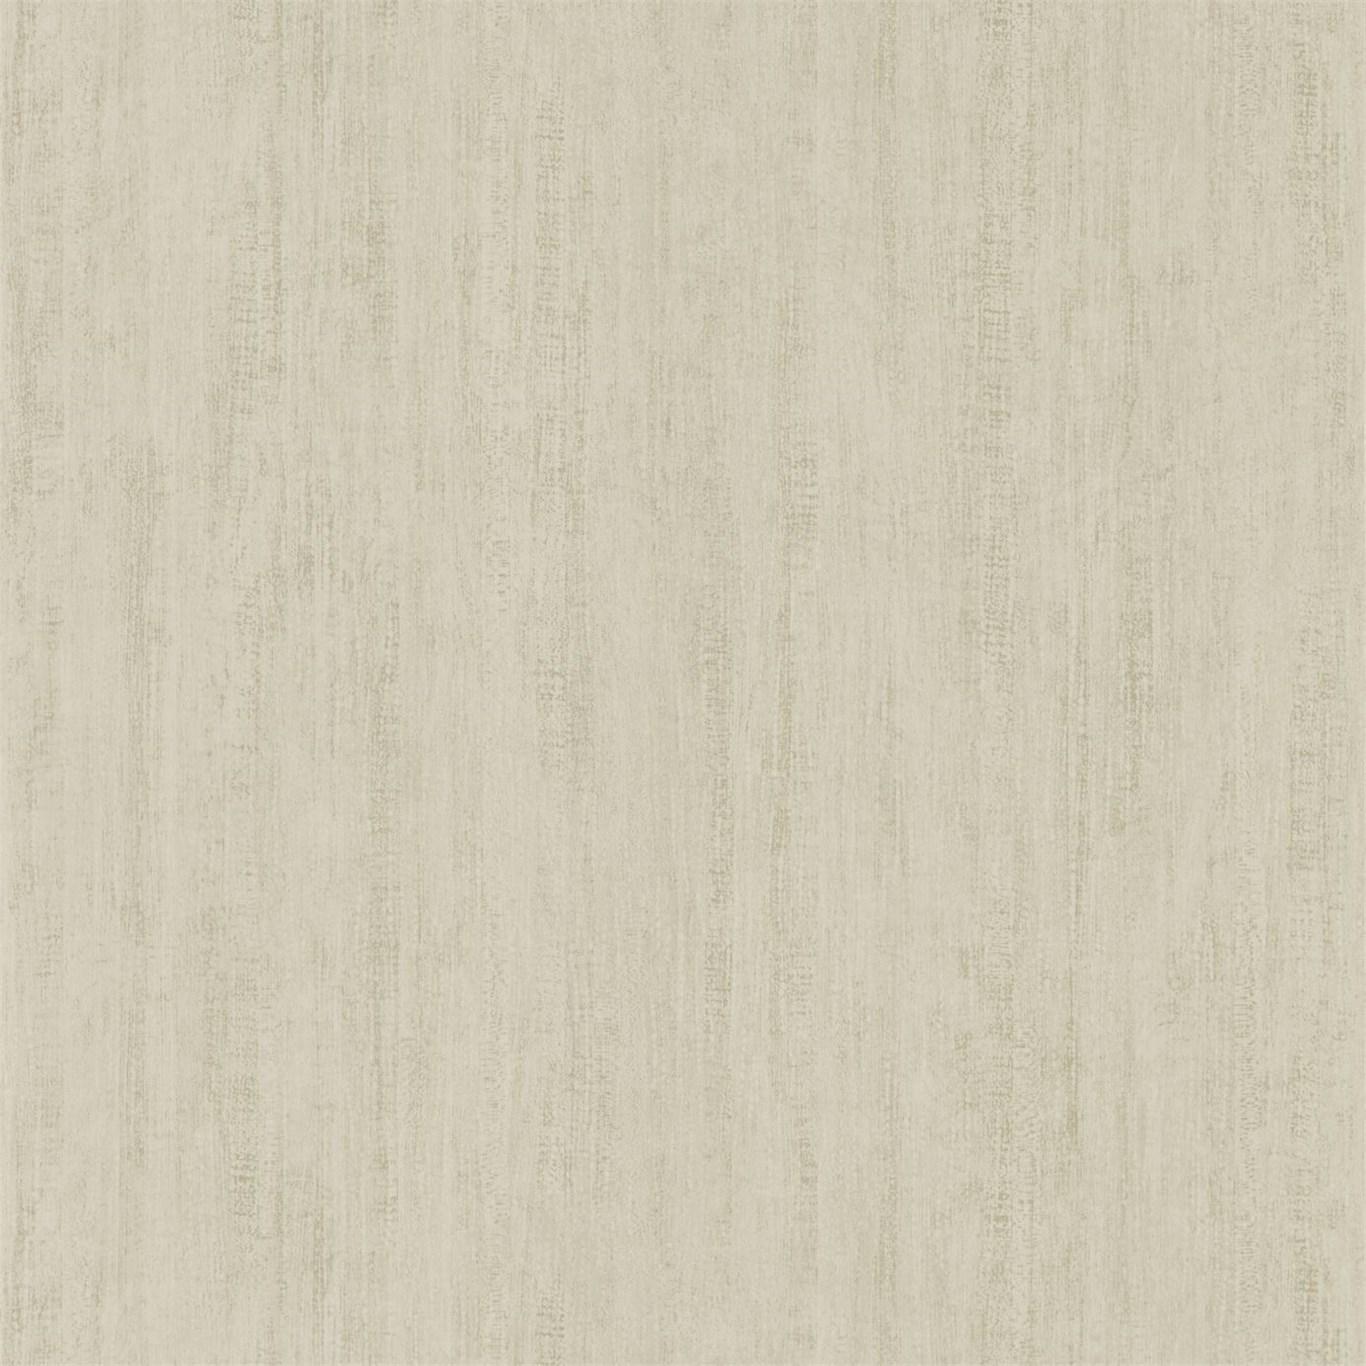 Wildwood 215690